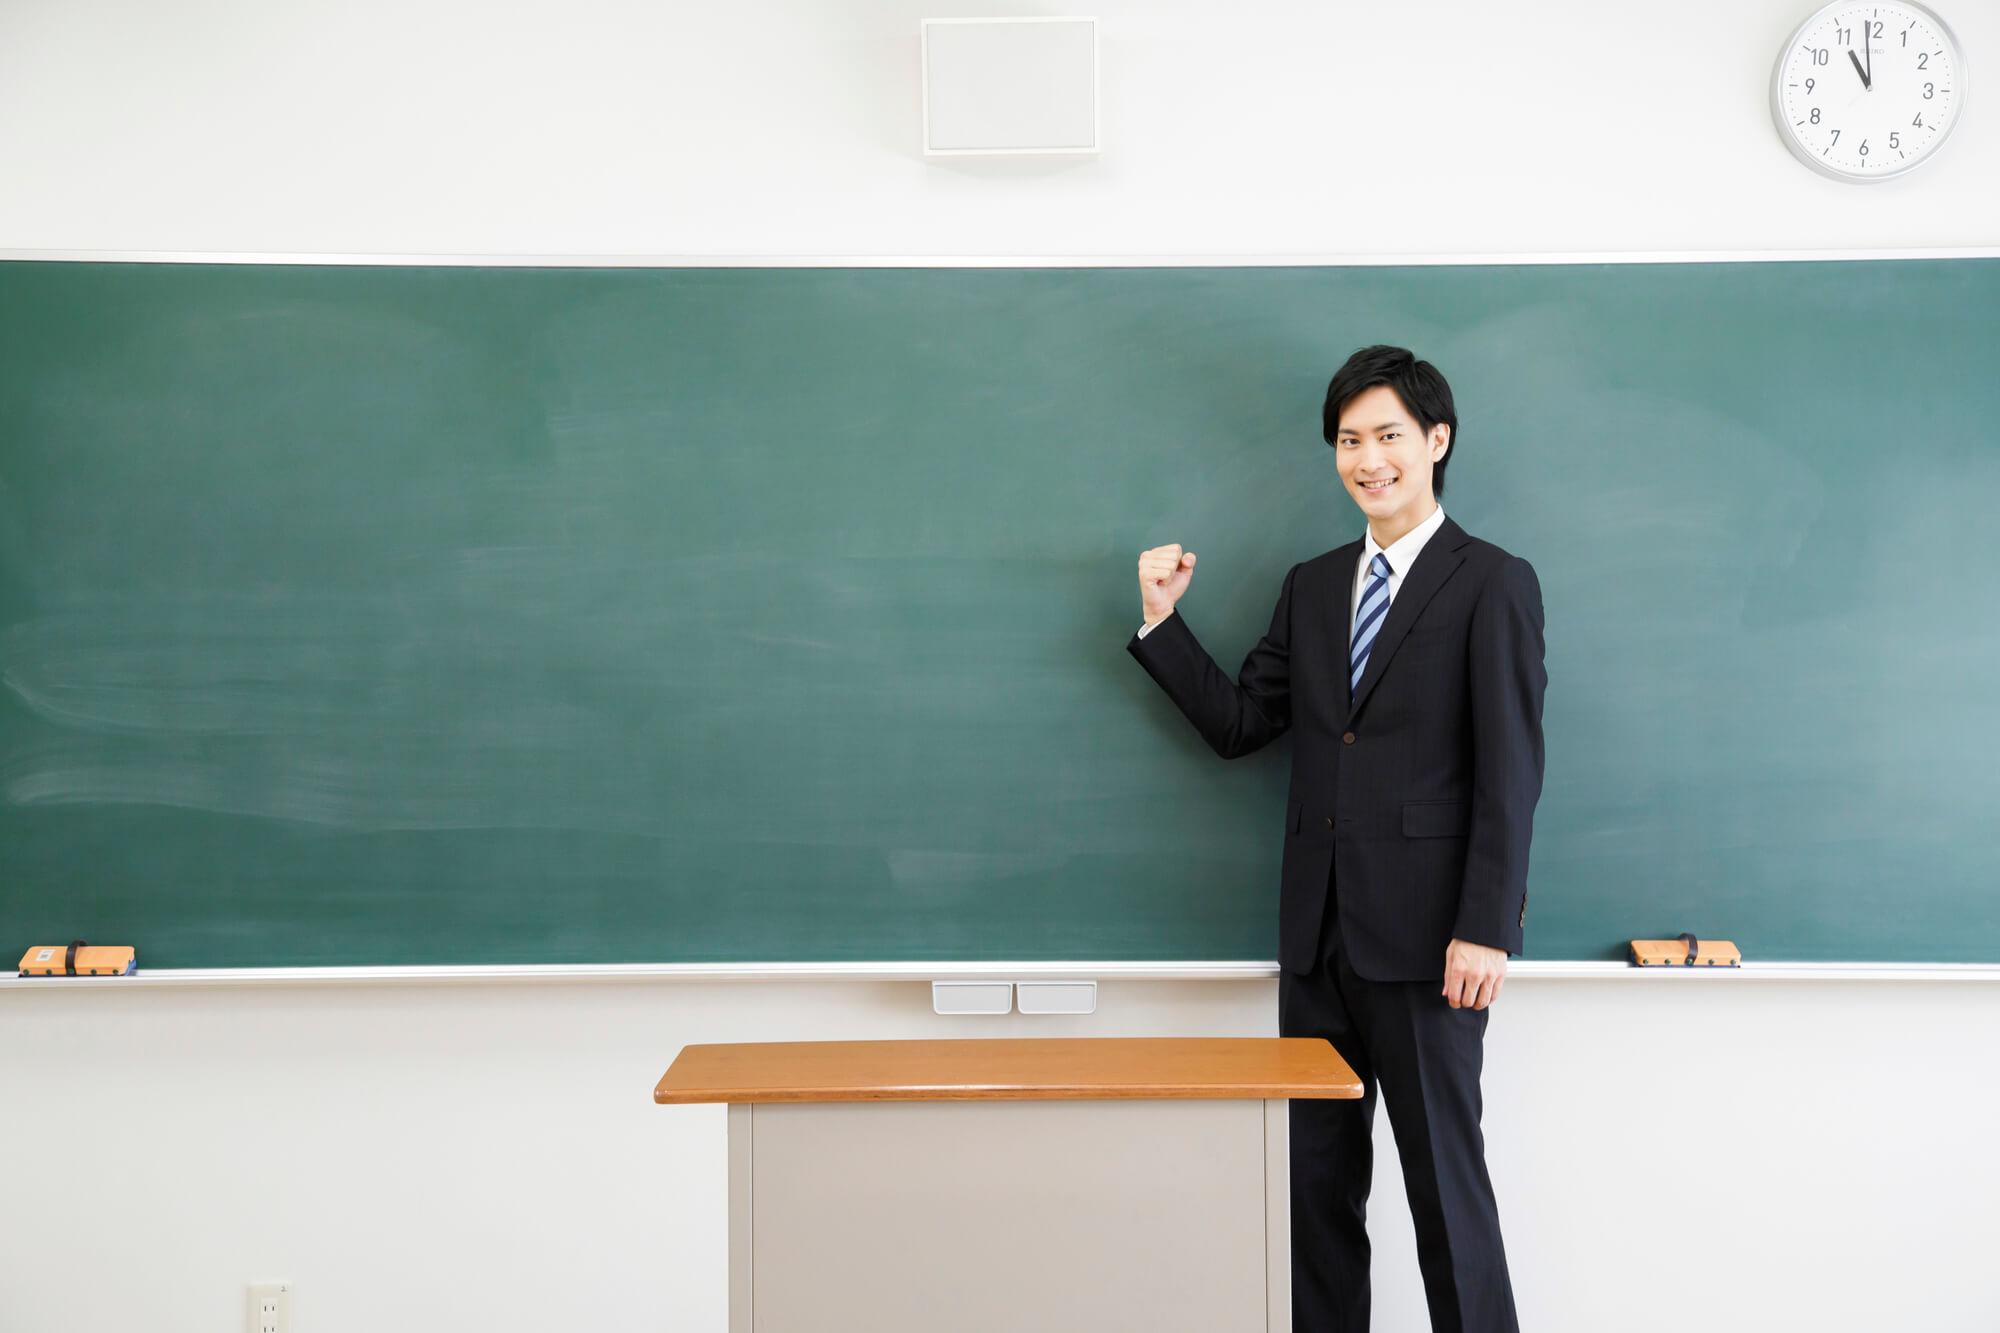 【中学・高校】教育実習で学ぶことやスケジュールを解説